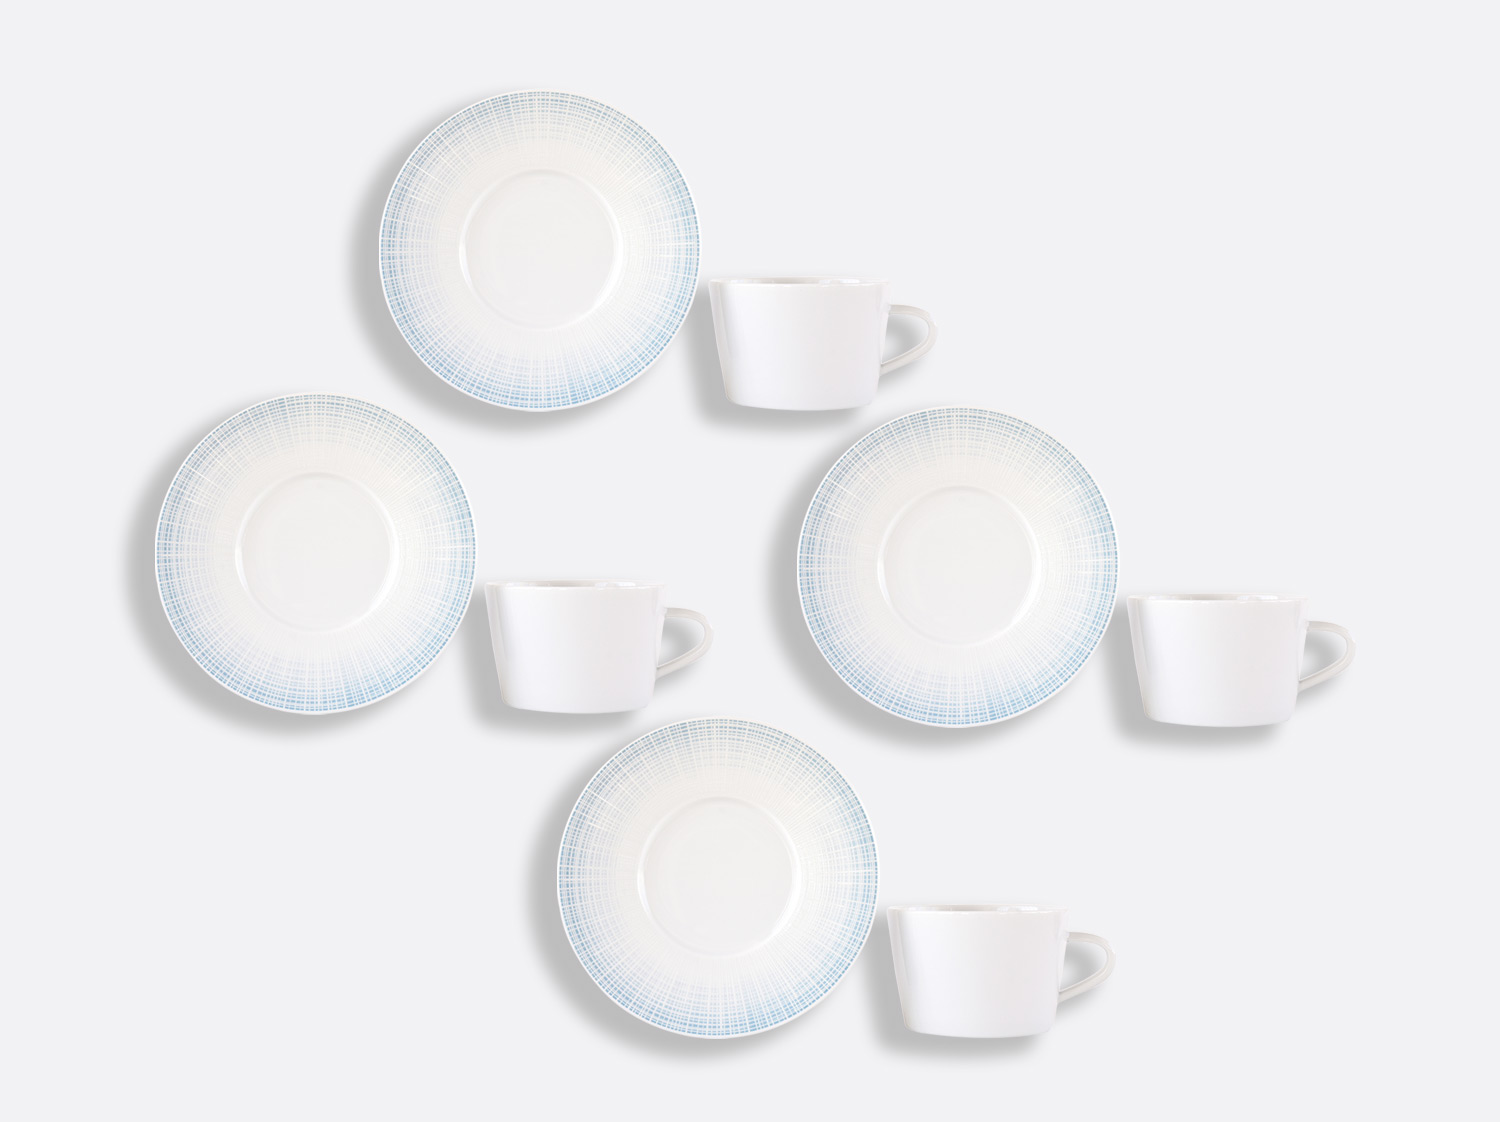 Coffret de tasses & soucoupes thé 17 cl - Coffret de 4 en porcelaine de la collection Saphir Bleu Bernardaud